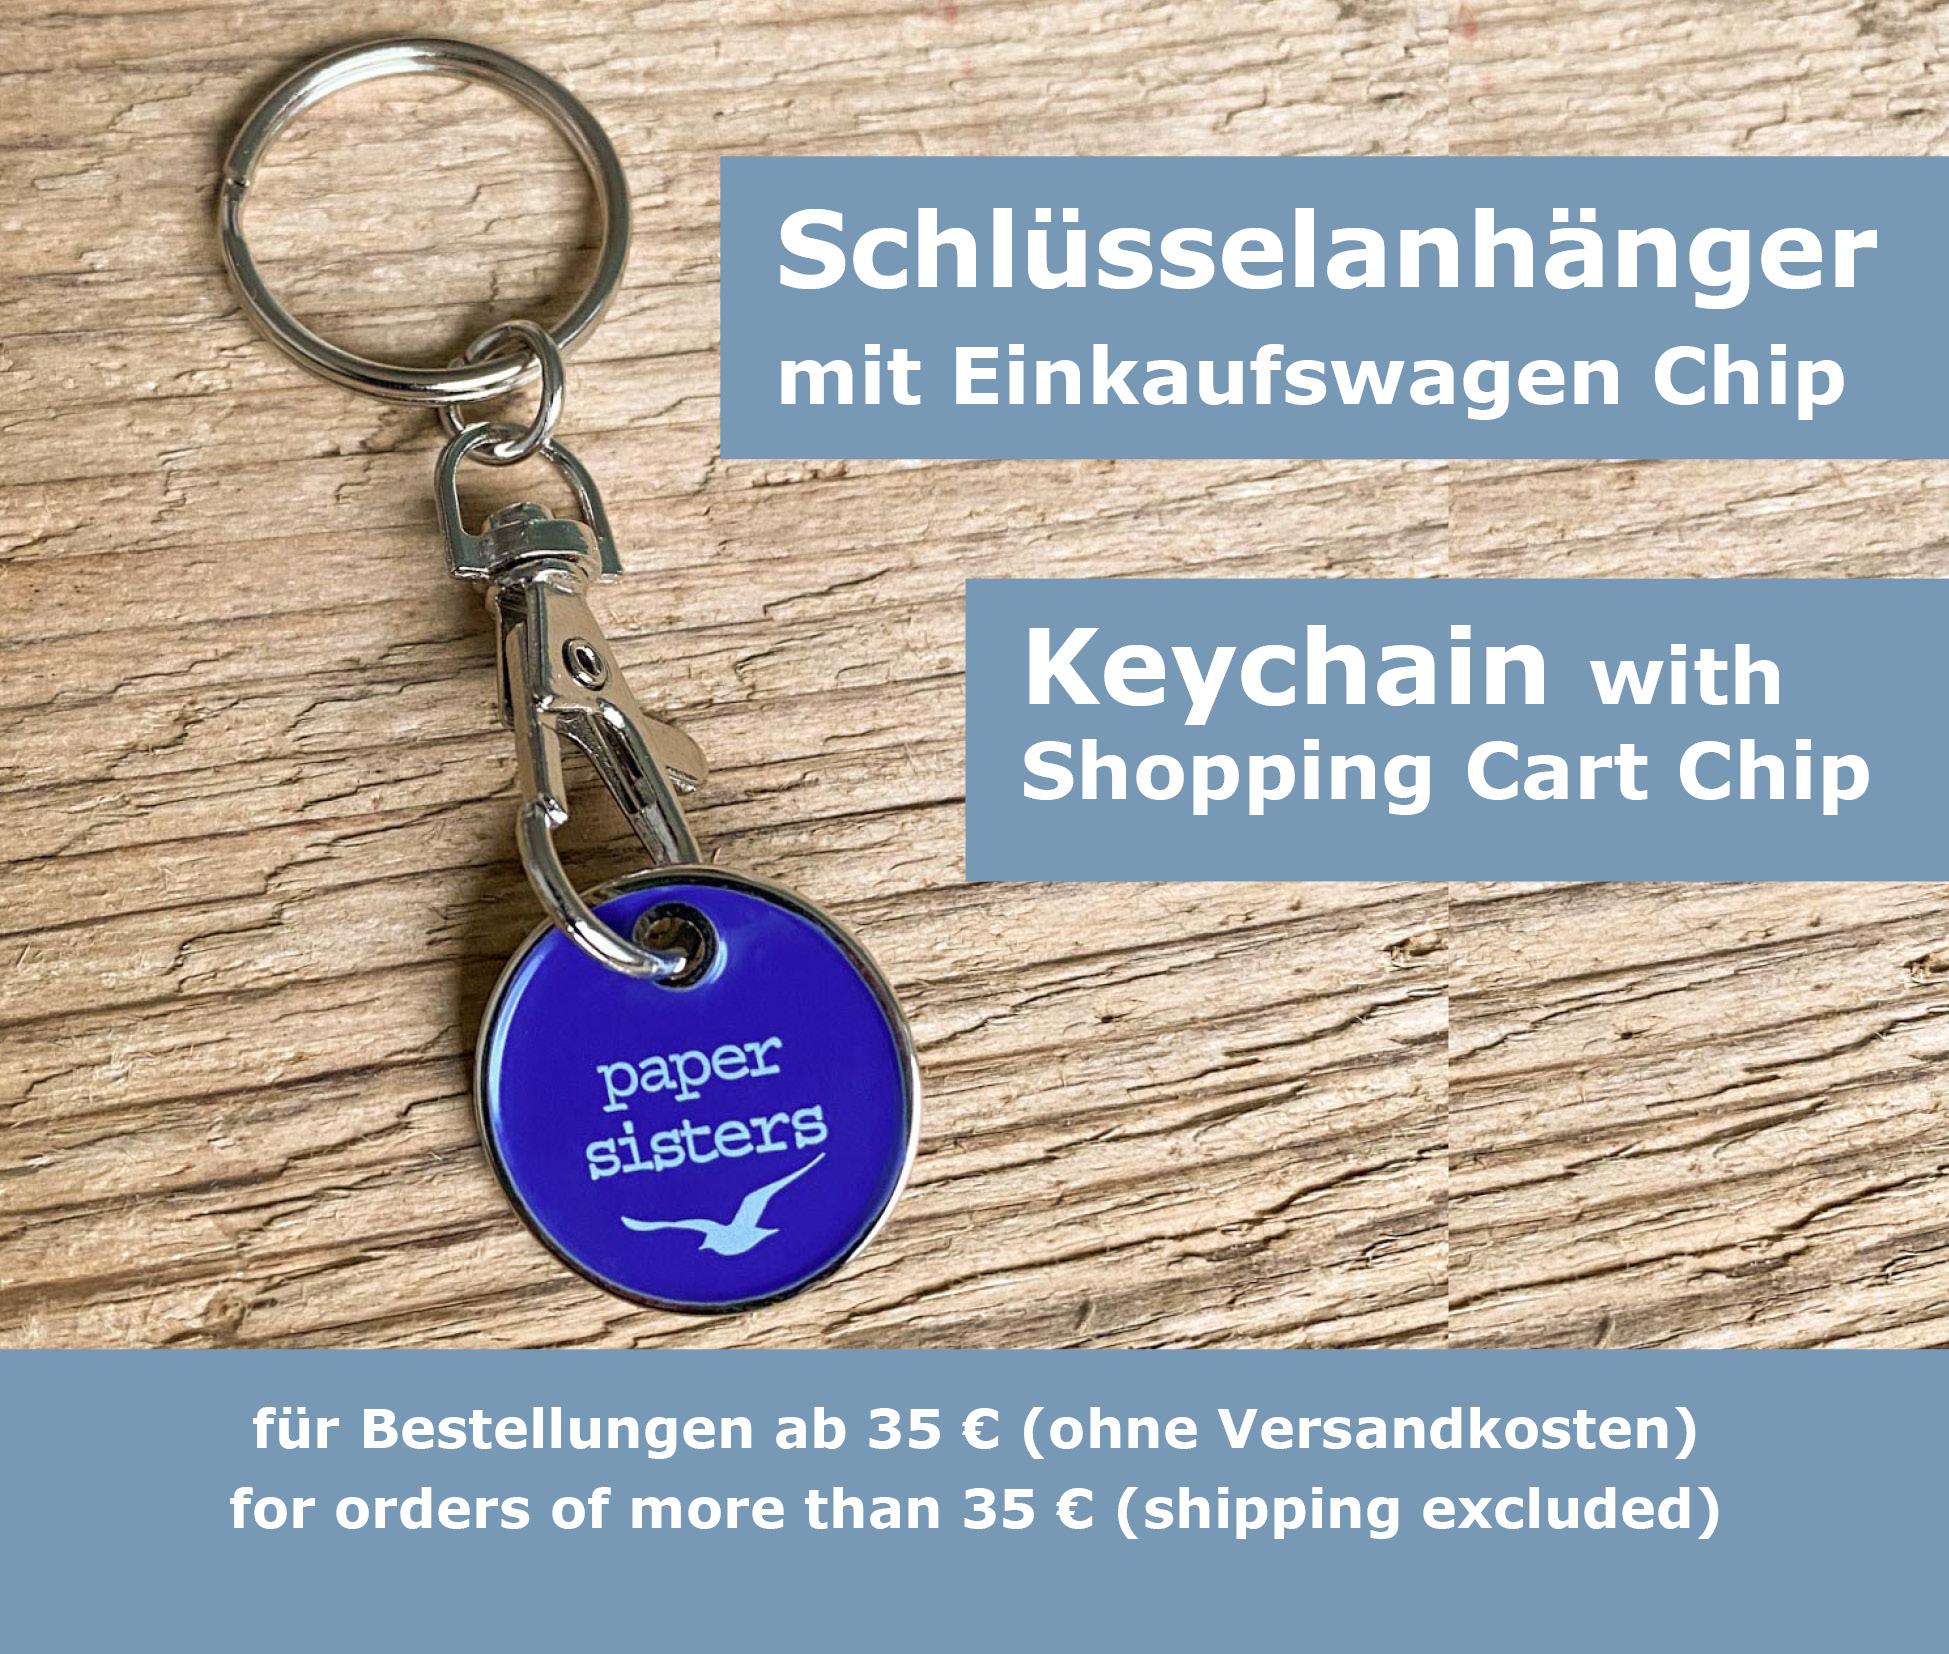 papersisters-Goodie-Schl-sselanh-nger-Einkaufswagen-Chip